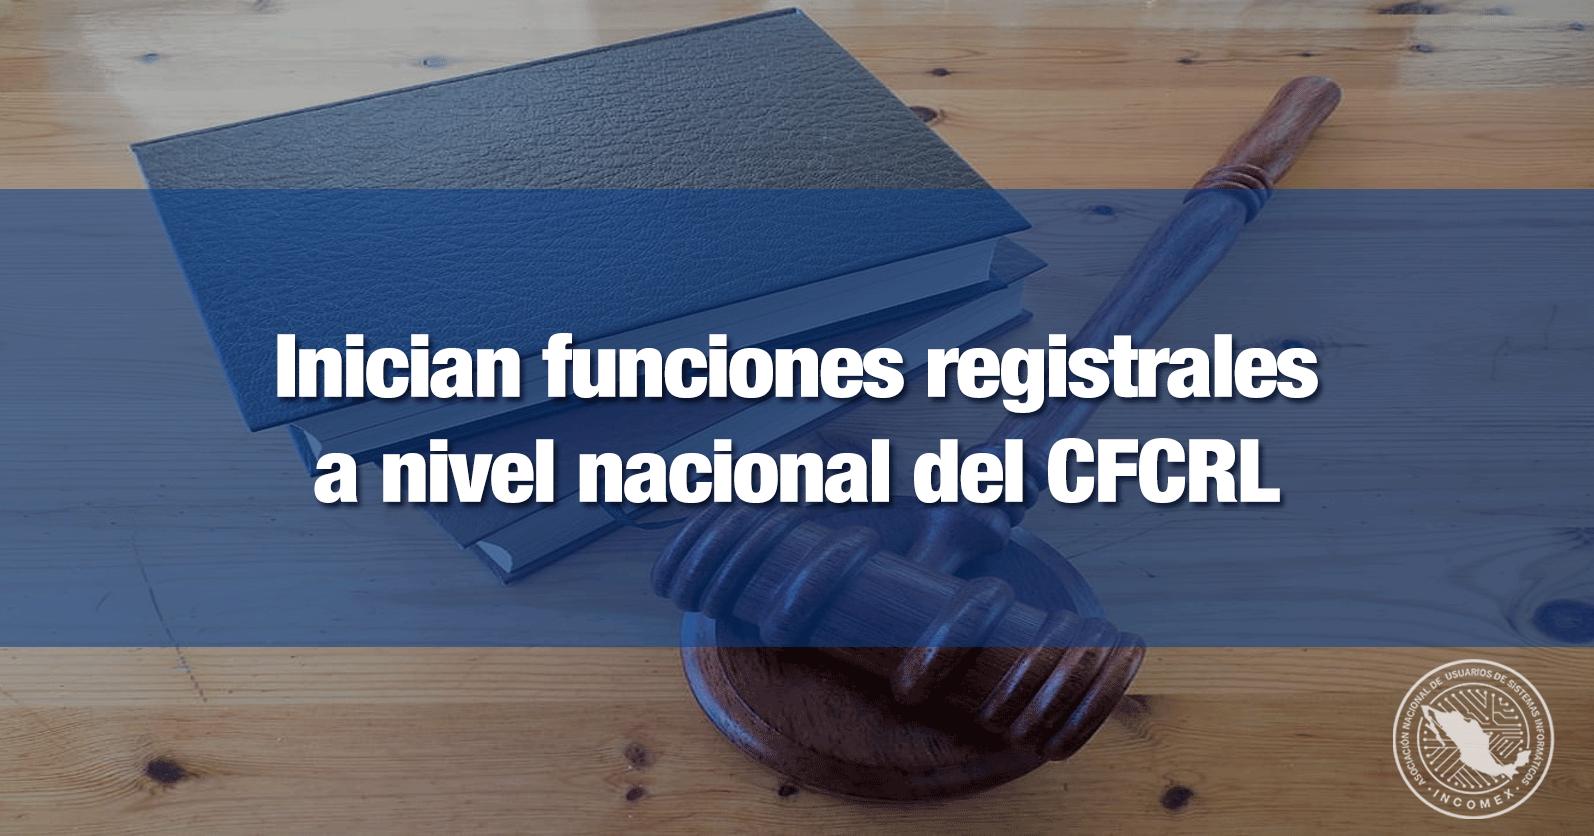 Inician funciones registrales a nivel nacional del CFCRL